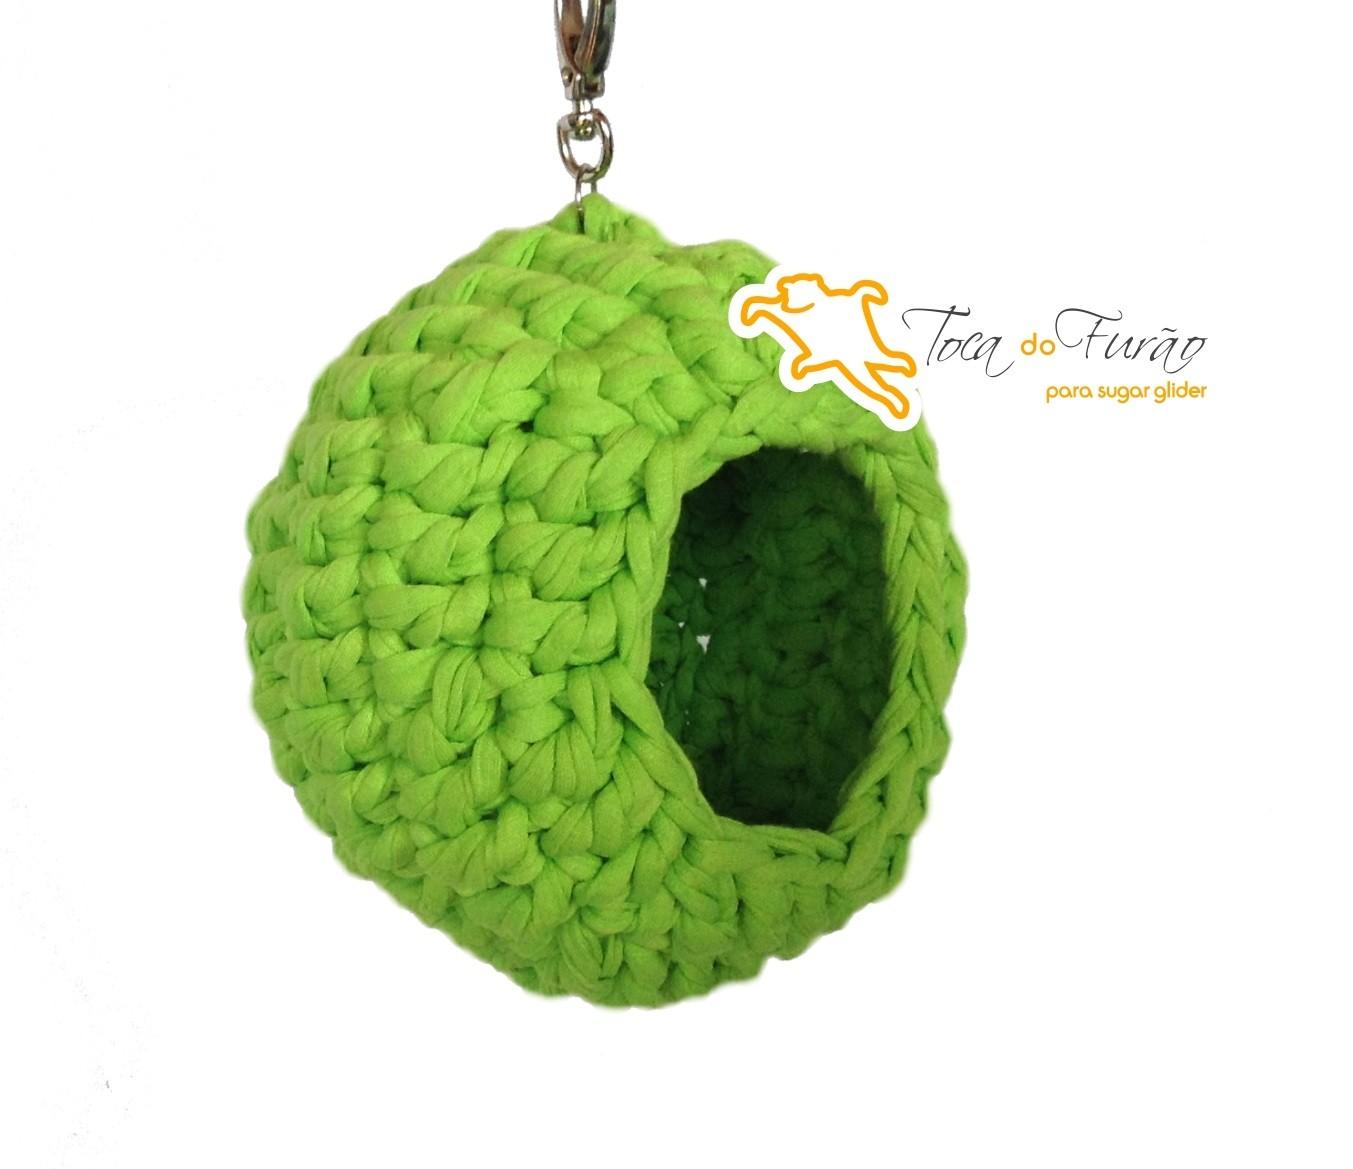 22e9cad742236 Bola color de crochê sugar glider – Toca do Furão